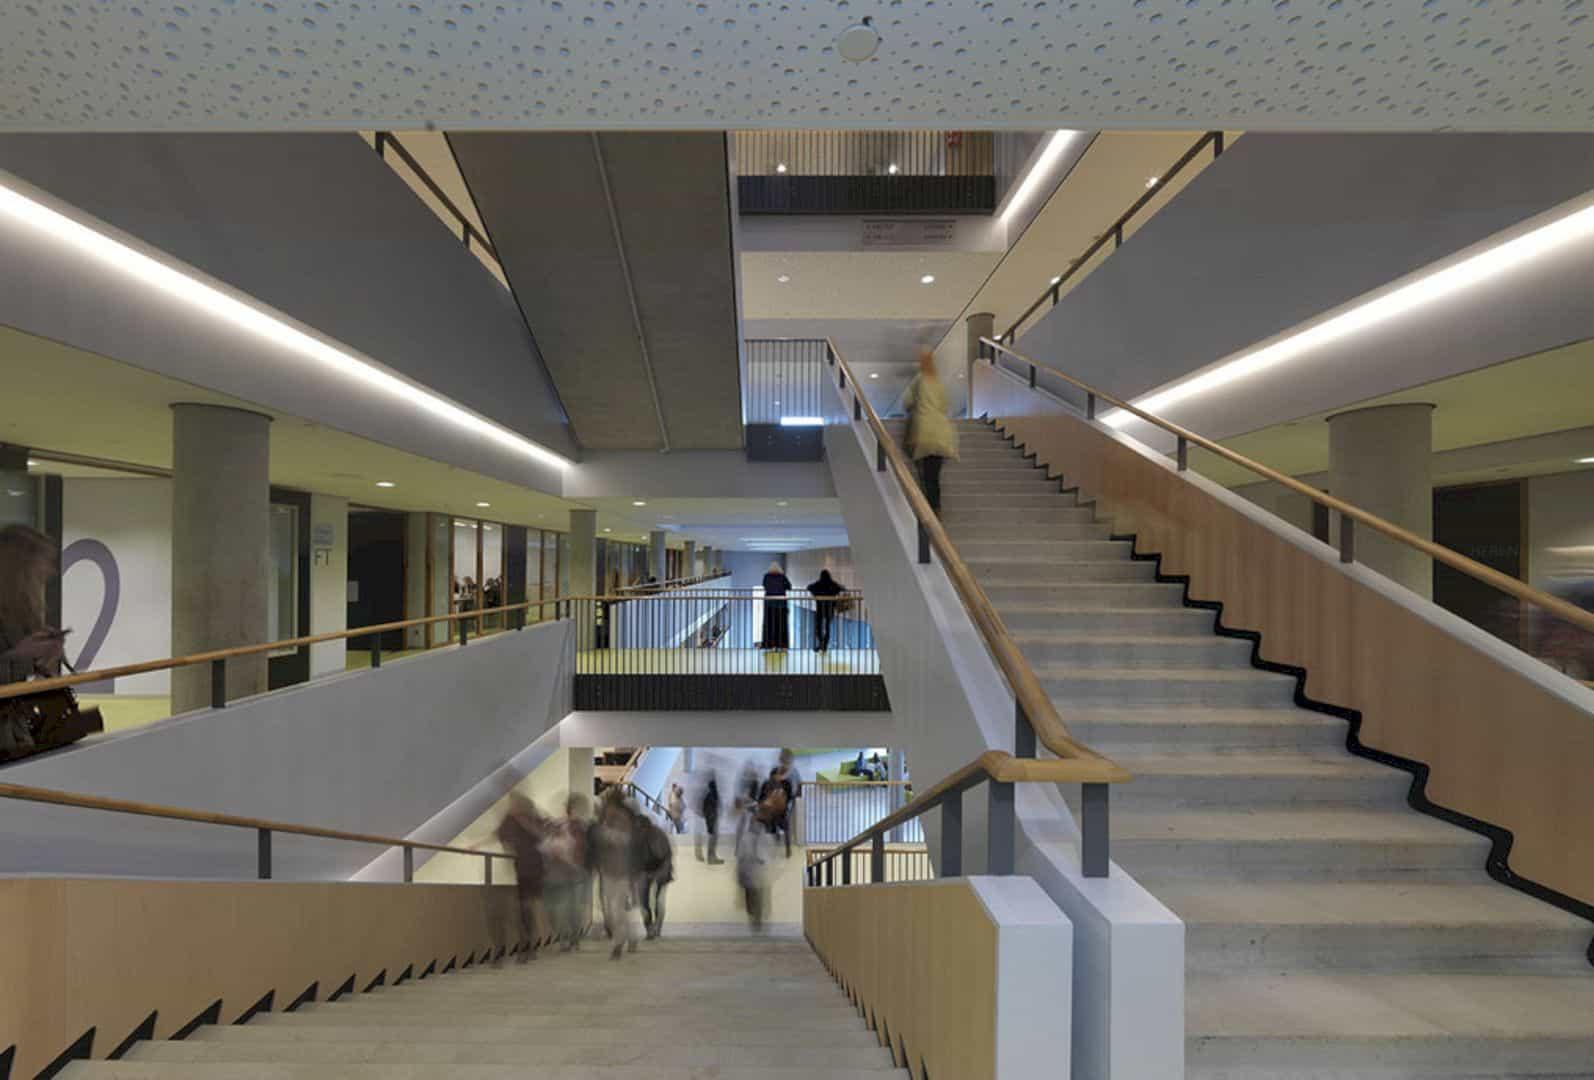 Kellebeek College Roosendaal By Jeanne Dekkers Architectuur 2